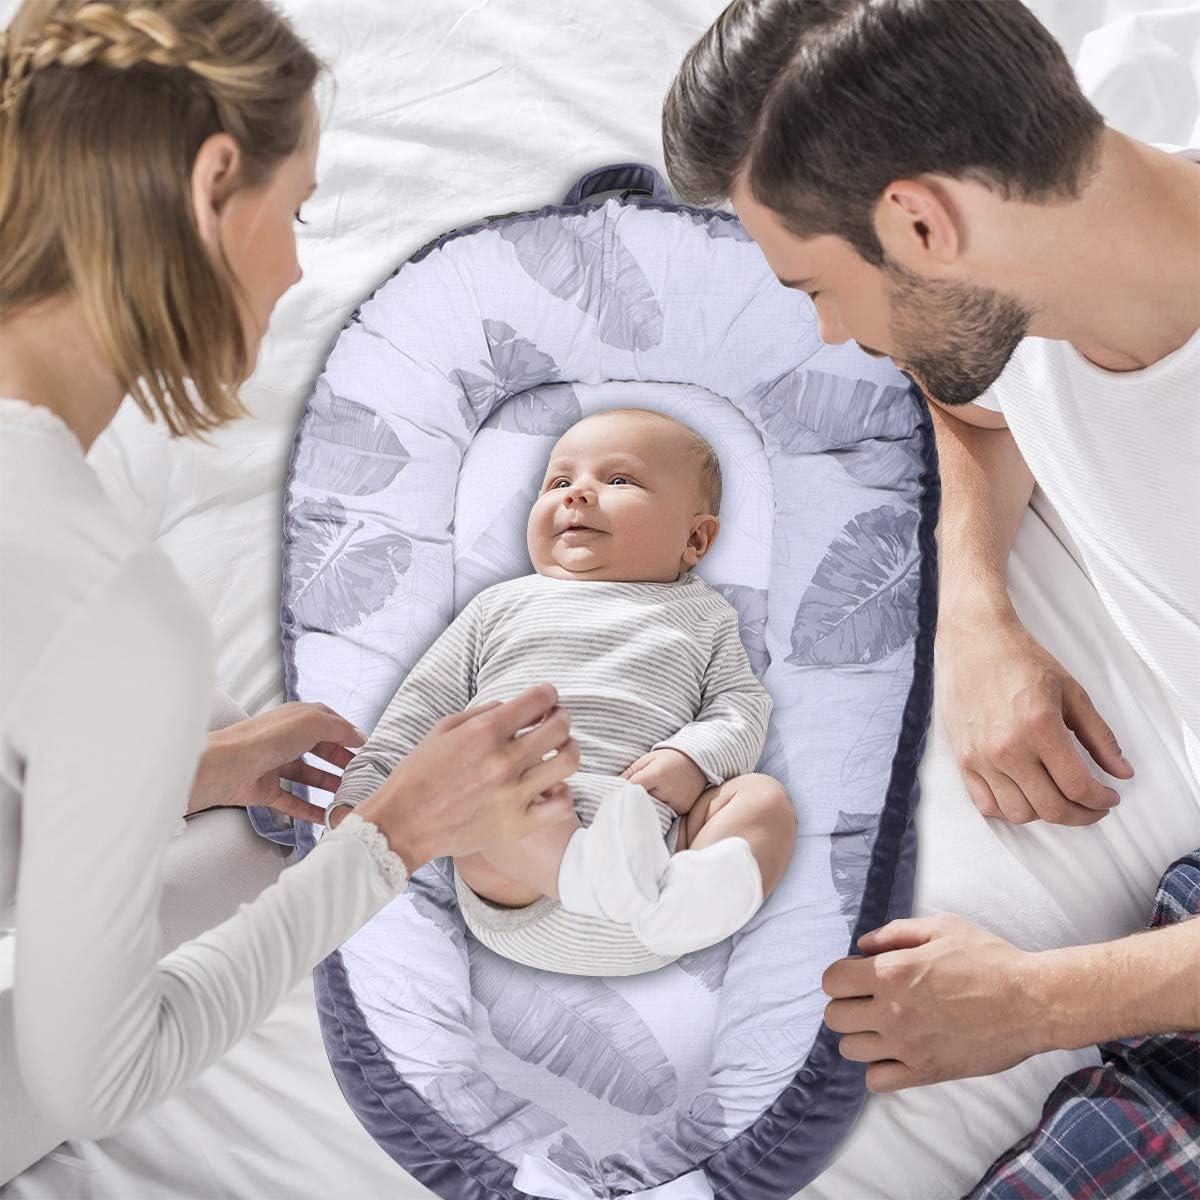 Mousse pour Bébé Fait À La Main en Coton Respirant - Nid De Sommeil en Coton - Cocon Réducteur De Lit pour Nouveau-Né De 0-12 Mois Plumes,B C